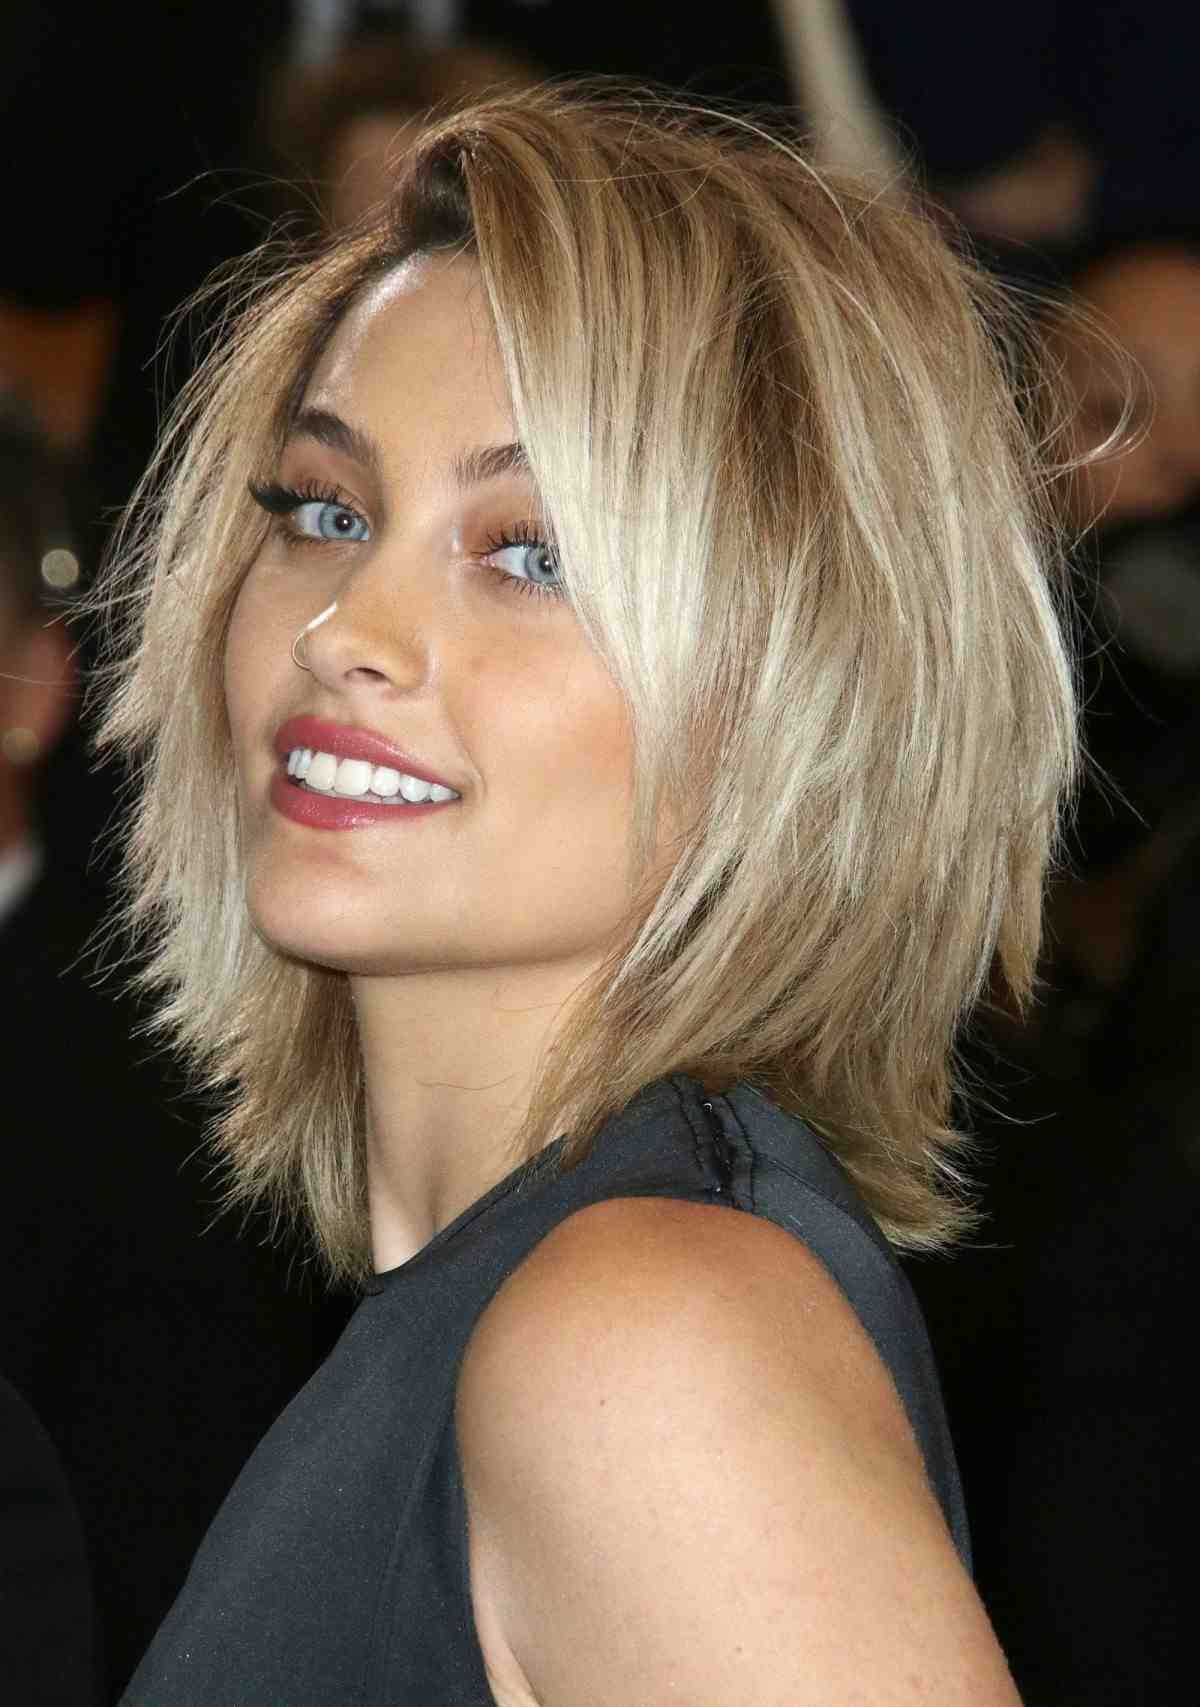 Coiffure Pour Cheveux Fins Les Meilleurs Looks Qui Font Monter Le Volume Coiffure Cheveux Fins Cheveux Fins Coiffure Cheveux Mi Long